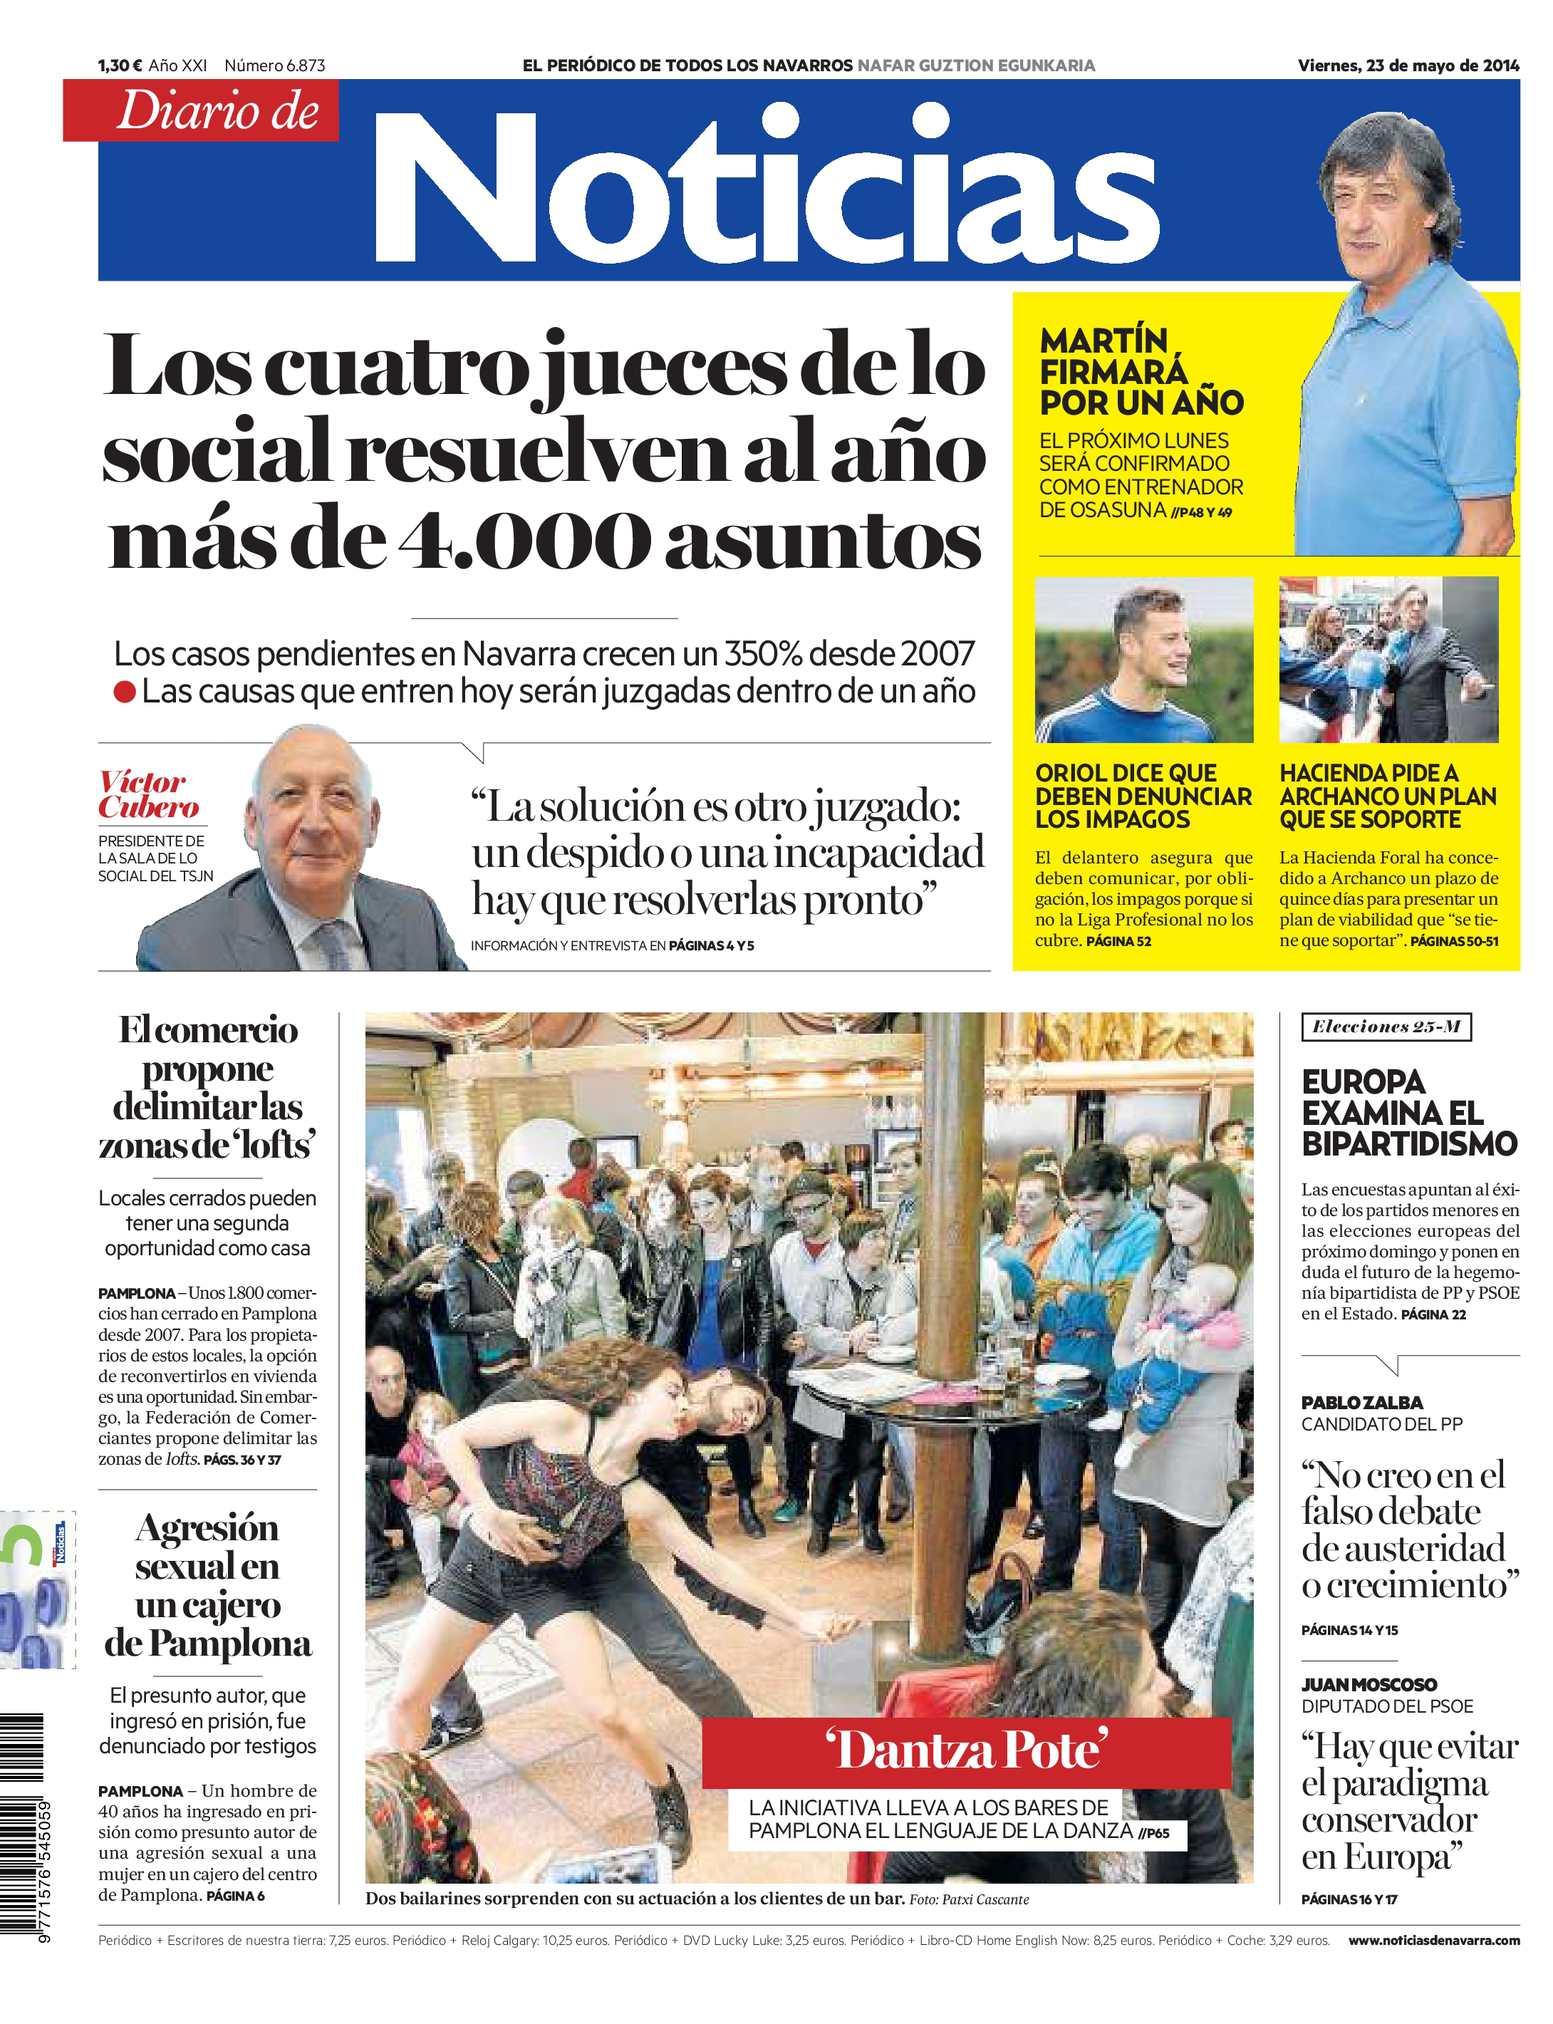 Calaméo - Diario de Noticias 20140523